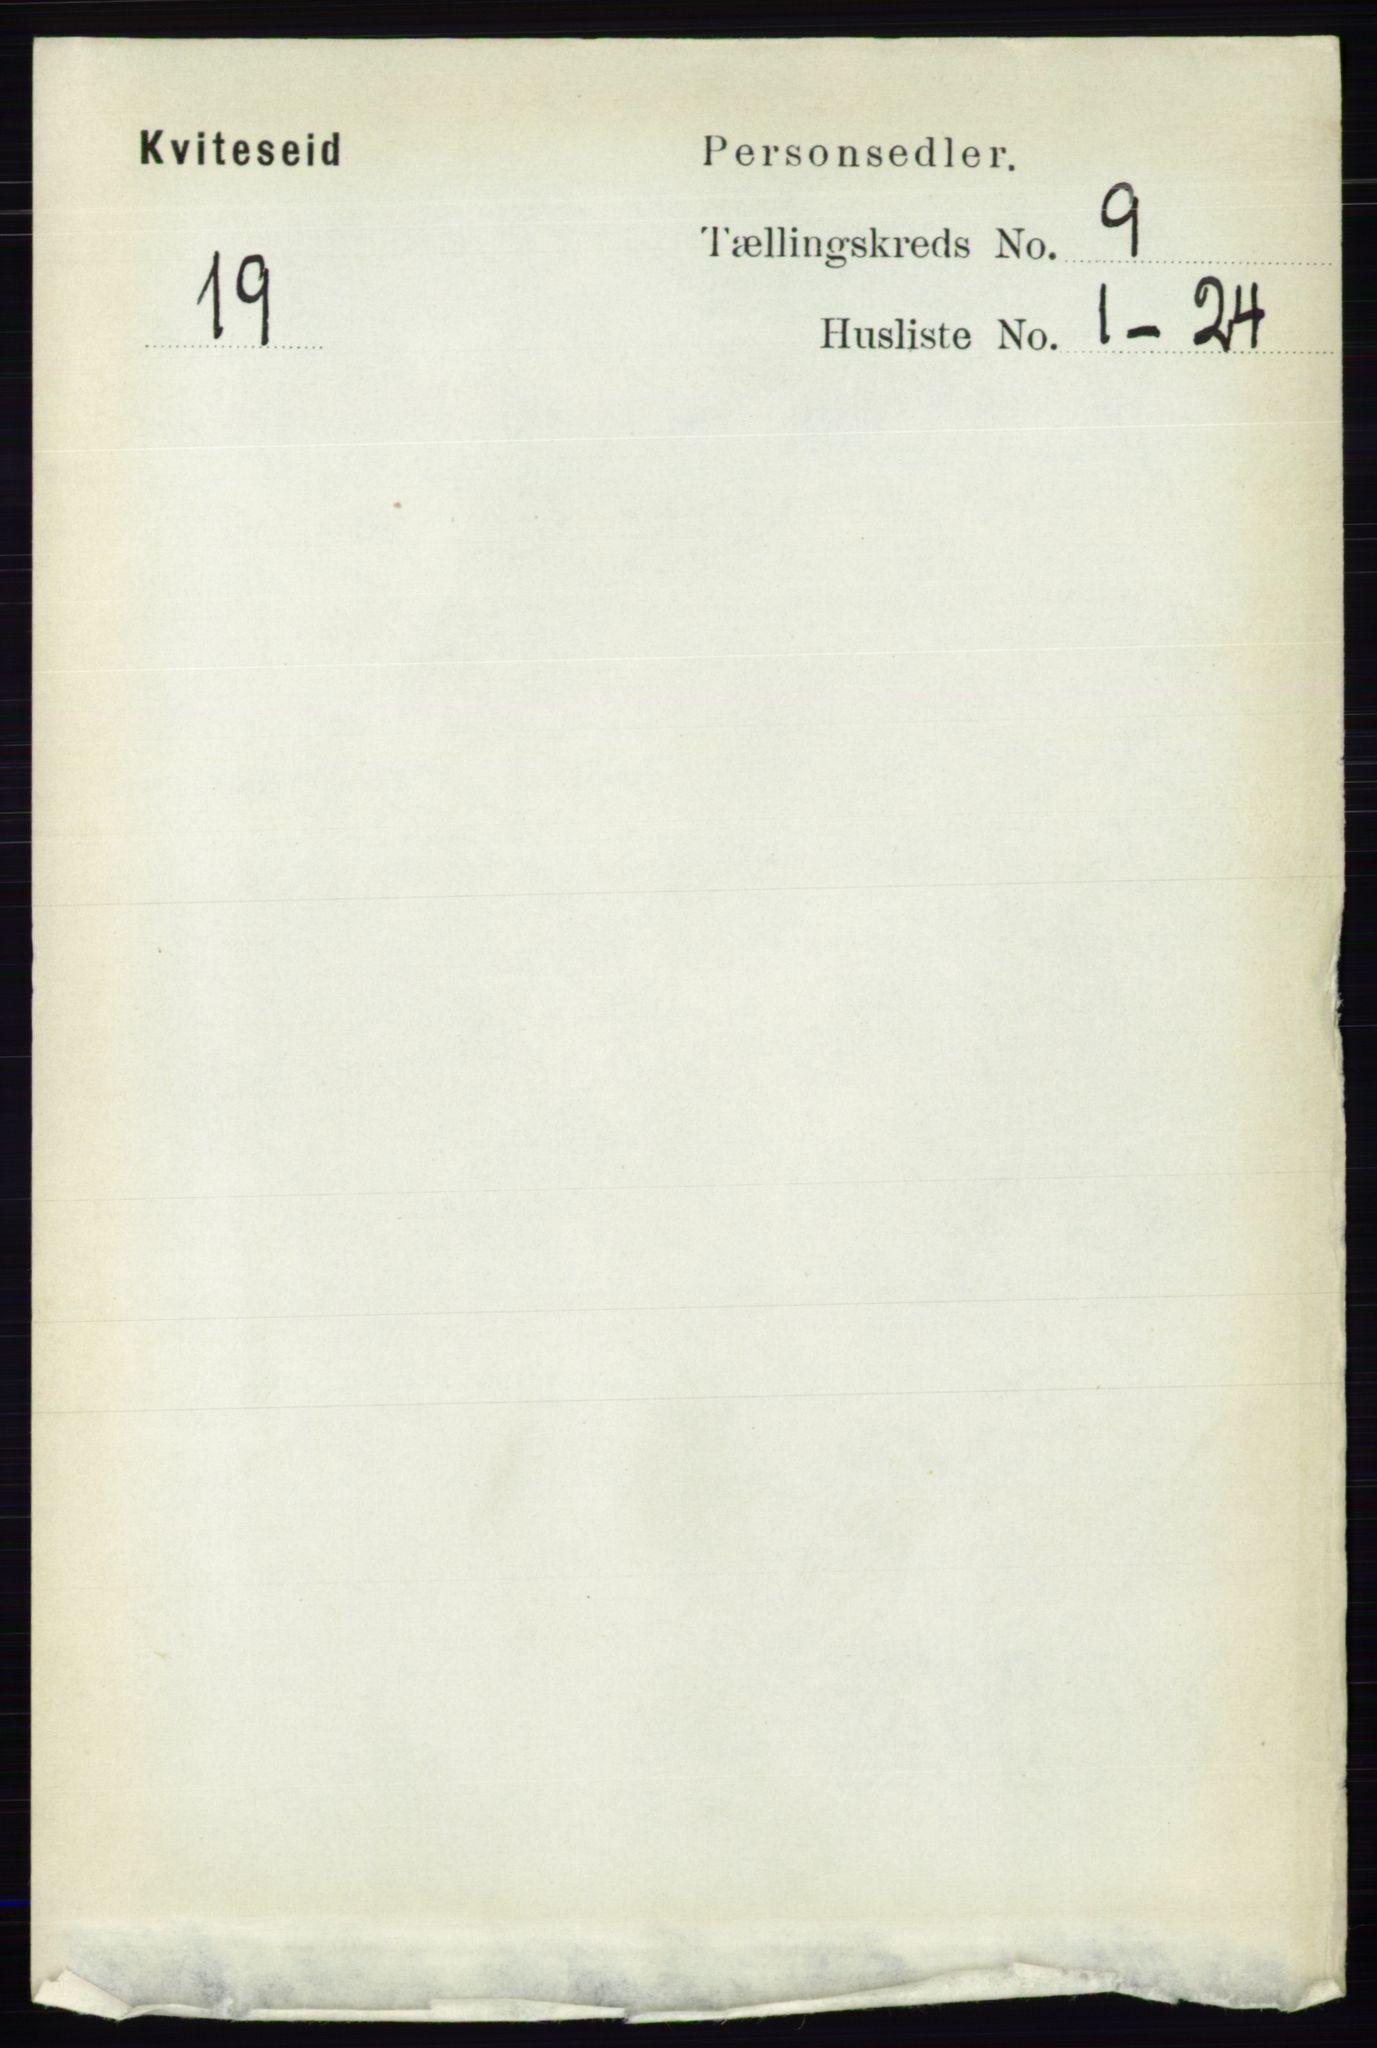 RA, Folketelling 1891 for 0829 Kviteseid herred, 1891, s. 1990